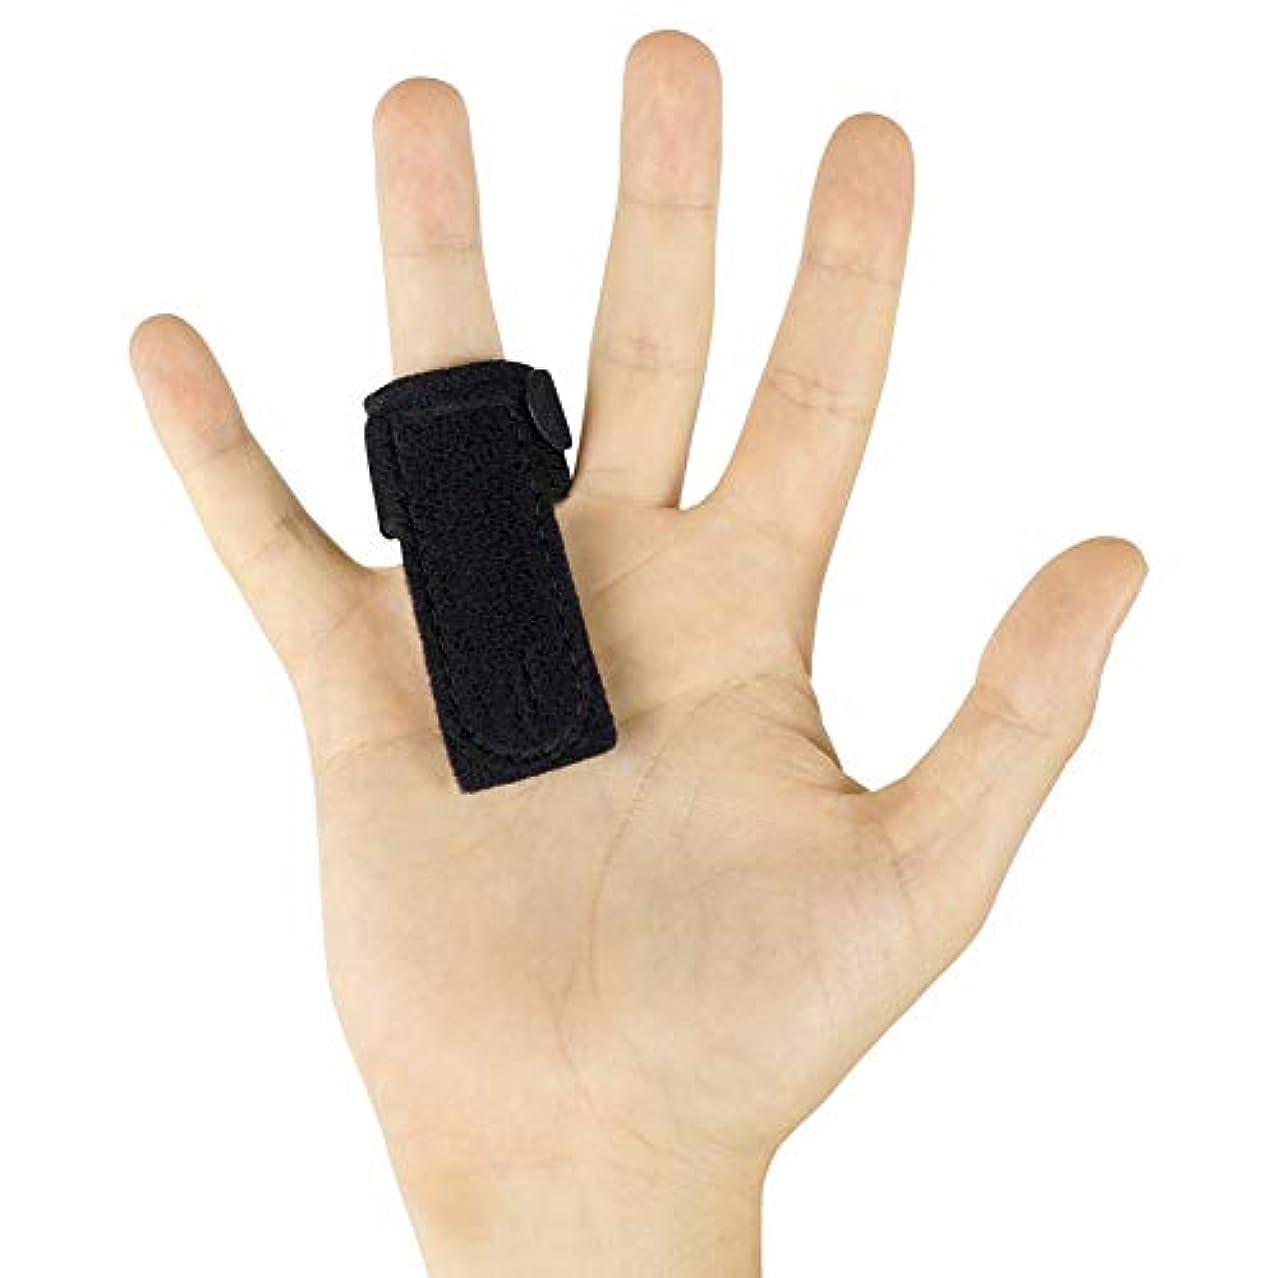 そよ風欠乏ウェイド指の袖をサポートするためのばね指スプリント、内蔵アルミサポートトリガー、矯正関節炎マレットフィンガーナックルブレース指関節炎、指の骨折、腱リリース&痛みを軽減-Gift